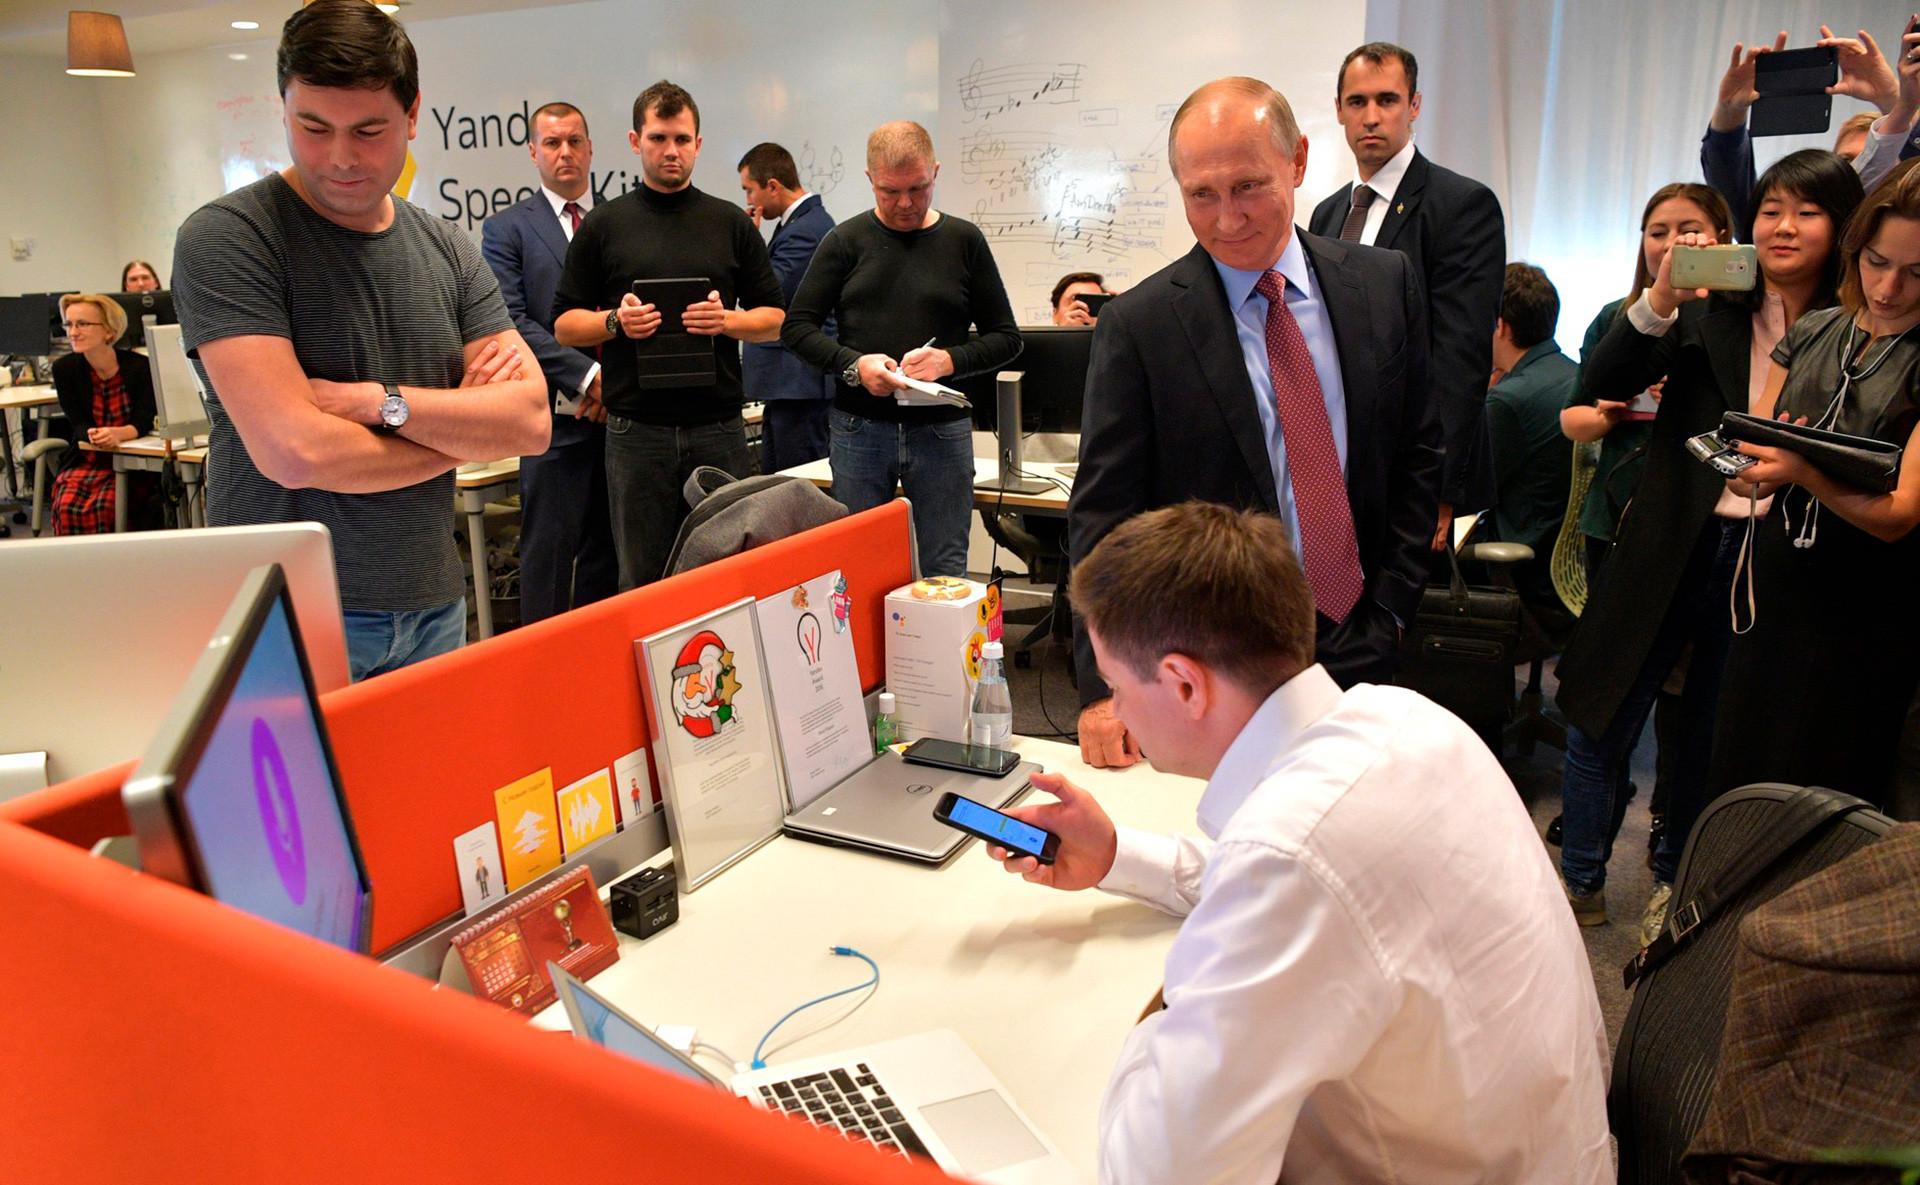 Putin durante su visita a la sede de Yandex.